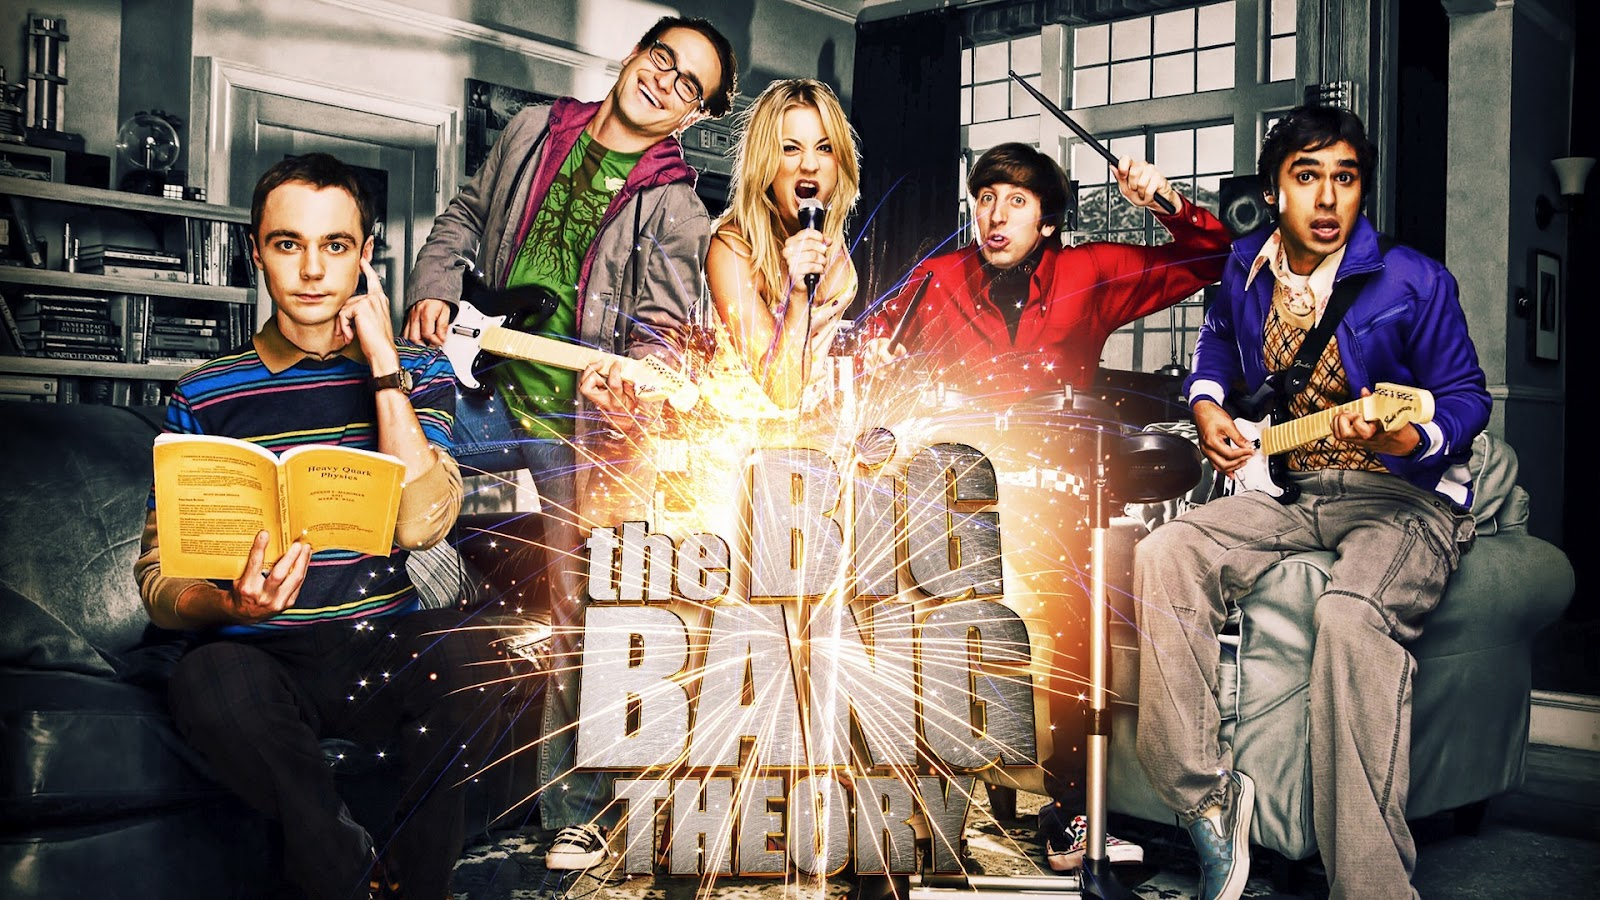 http://1.bp.blogspot.com/-JU-qfEpeiNk/T_sCfufkPJI/AAAAAAAAAOo/7Lkw-OEY4Lk/s1600/Big-Bang-Theory-HD-Wallpaper-007.jpg